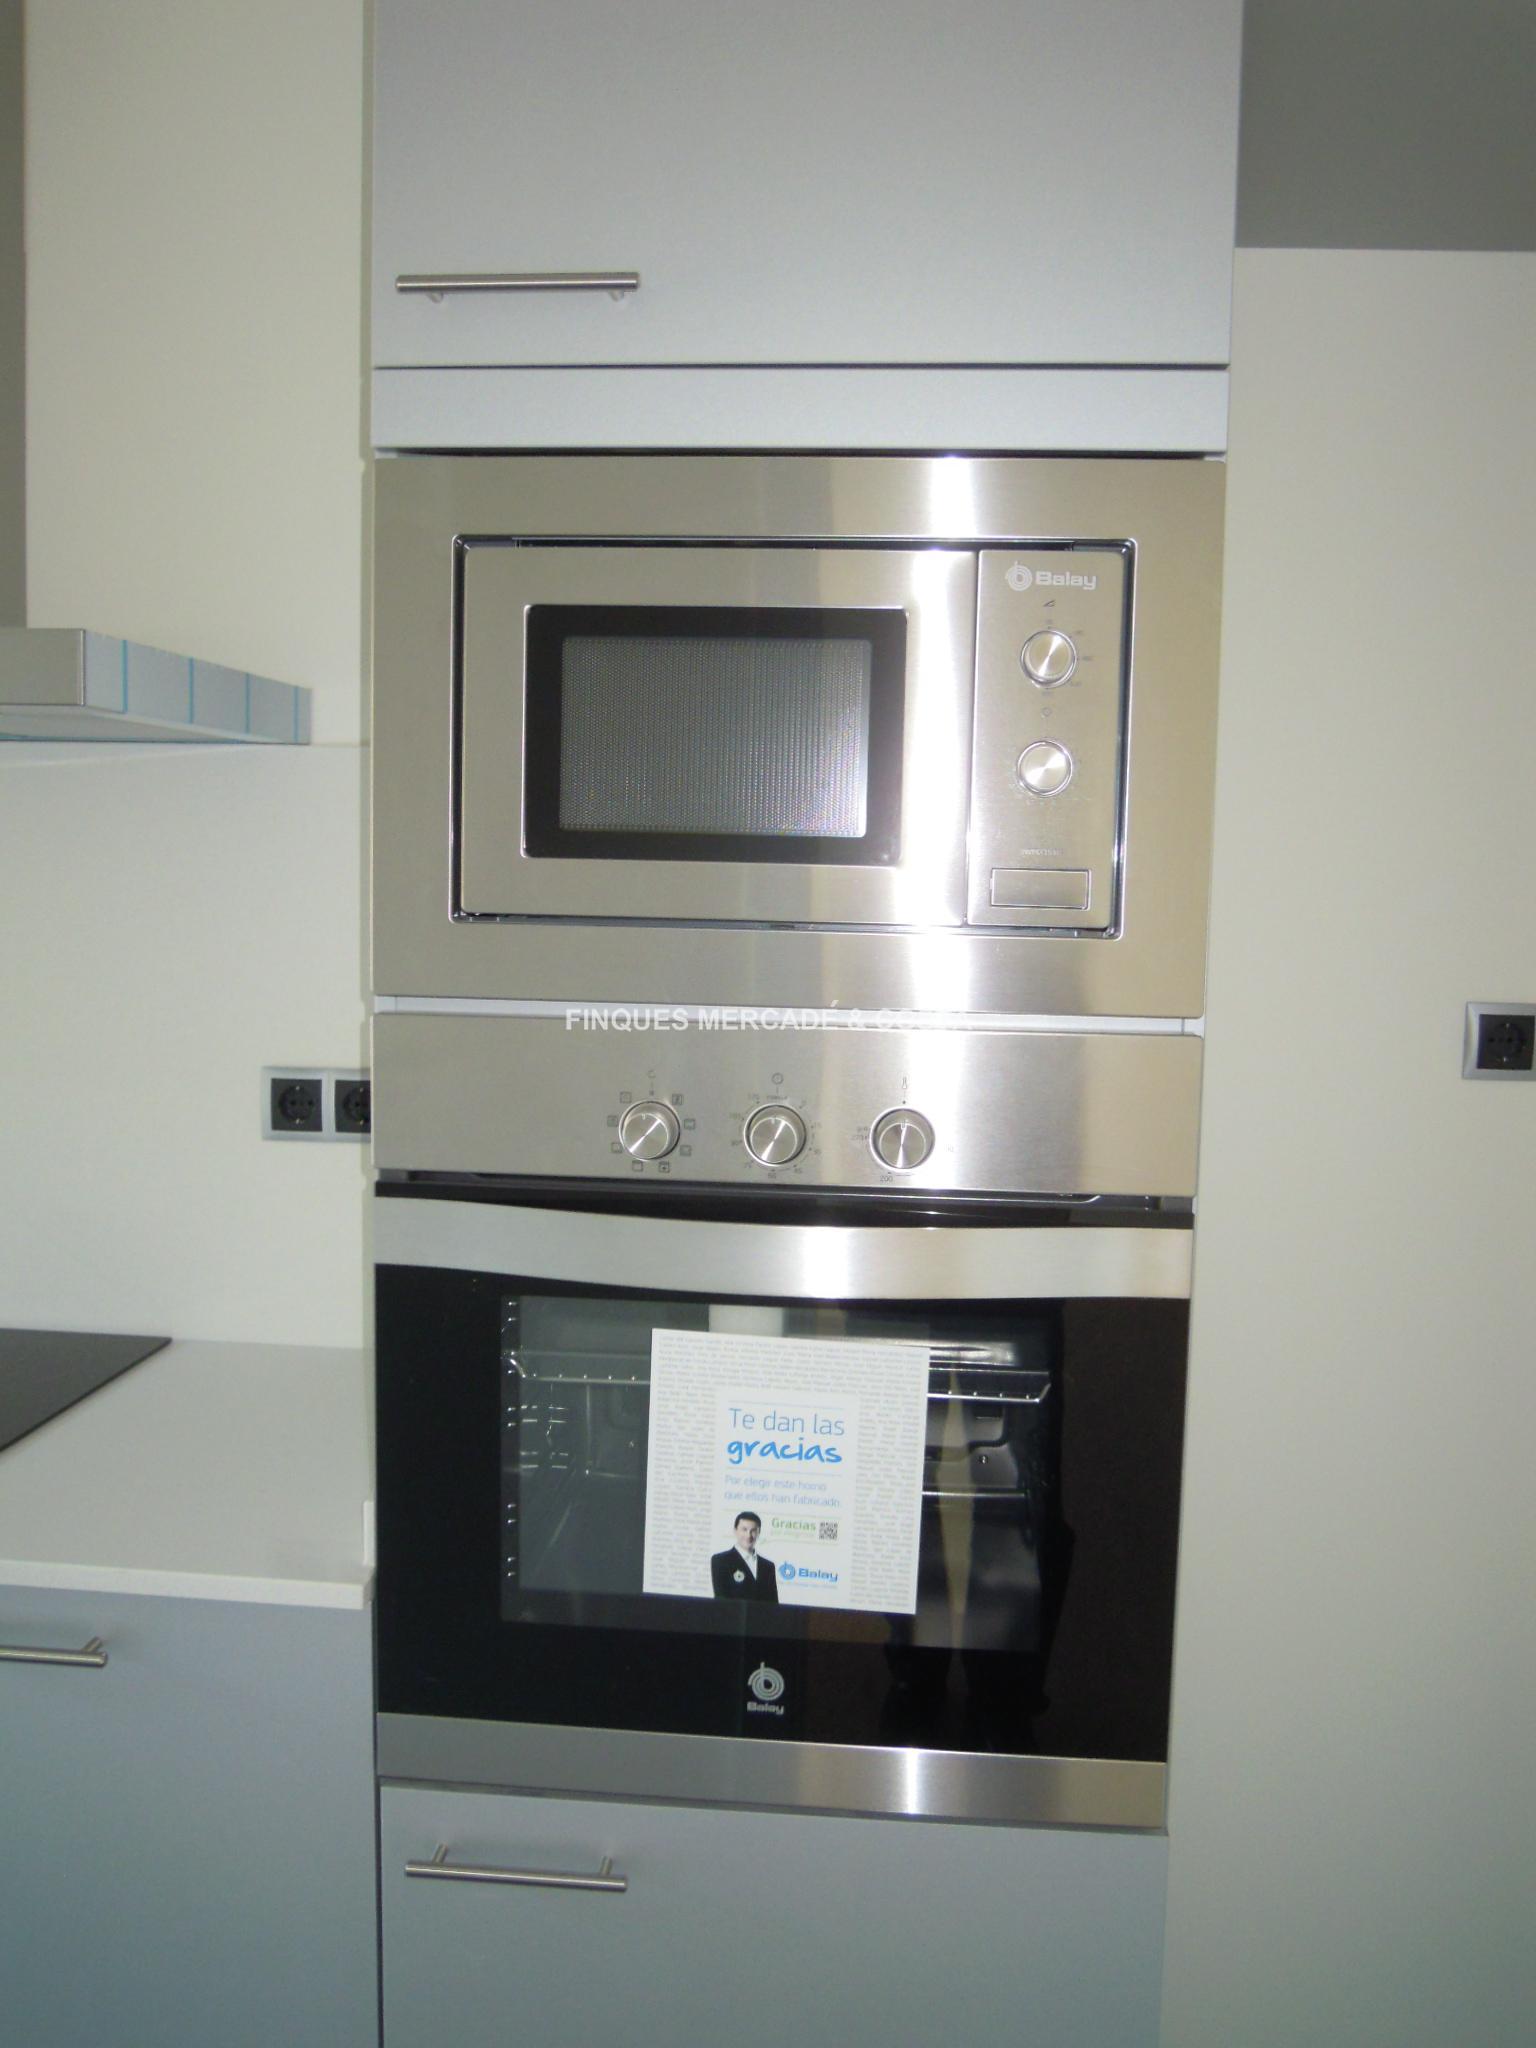 Fincas Mercad Gesti N Inmobiliaria En Castelldefels Venta Y  ~ Microondas Con Campana Extractora